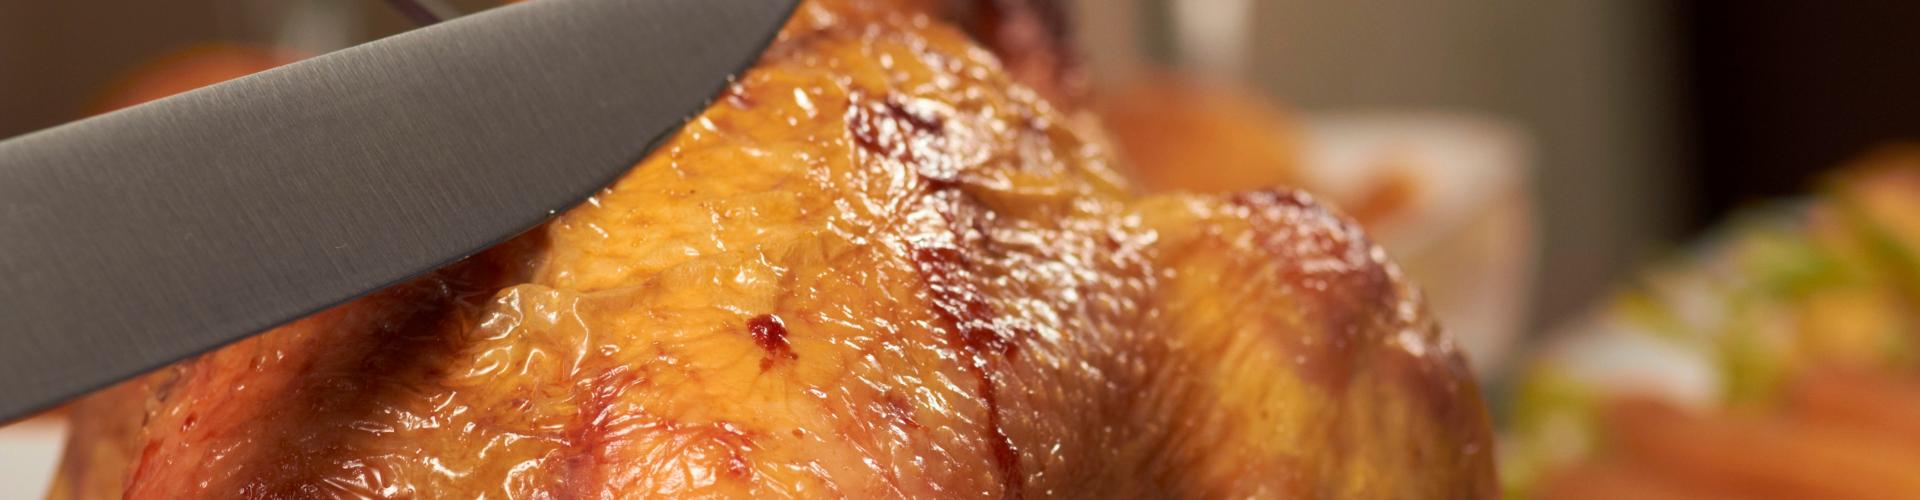 Carving Turkeys